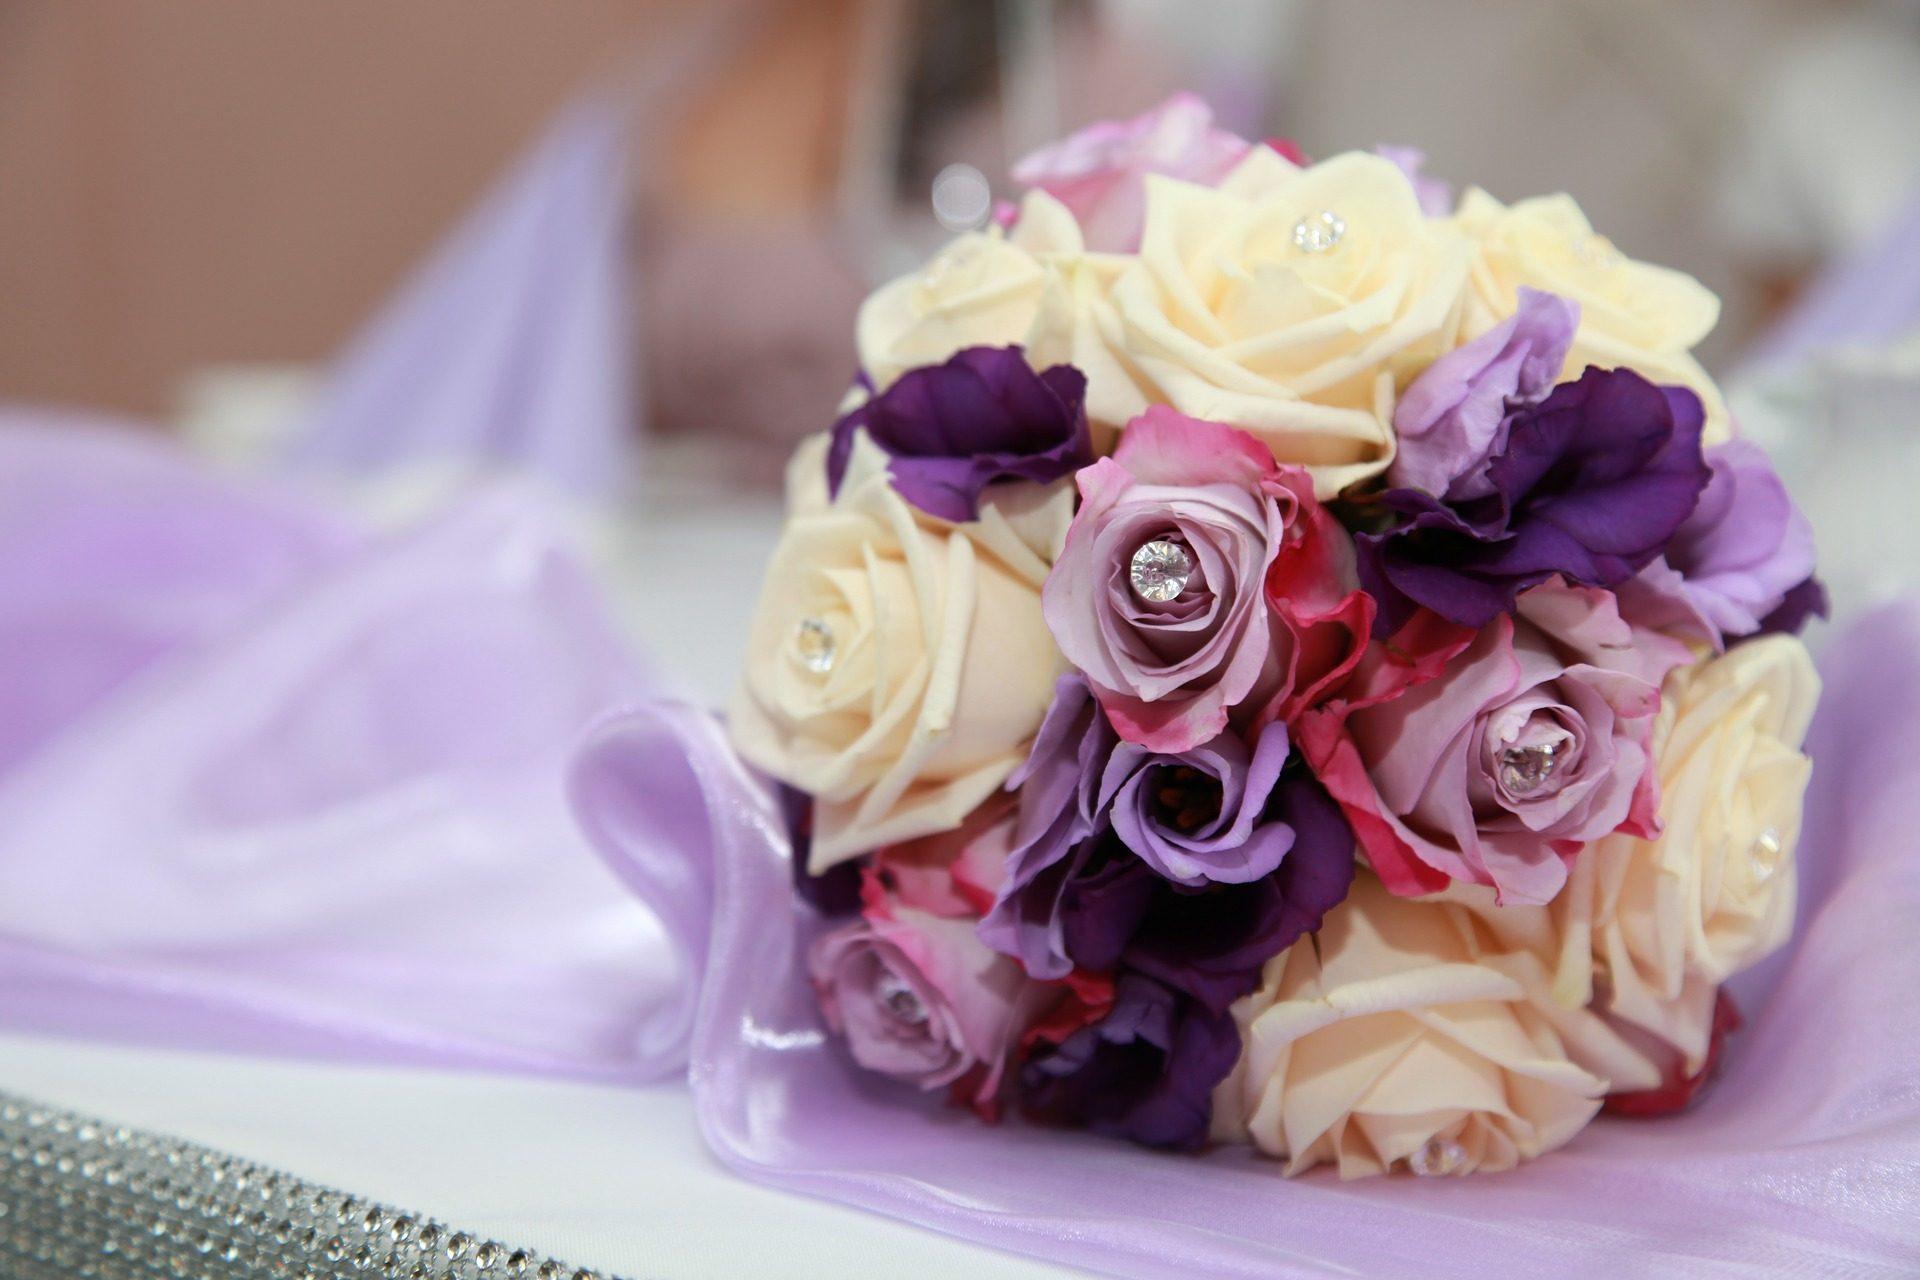 flores, buquê, boda, casamento, link - Papéis de parede HD - Professor-falken.com